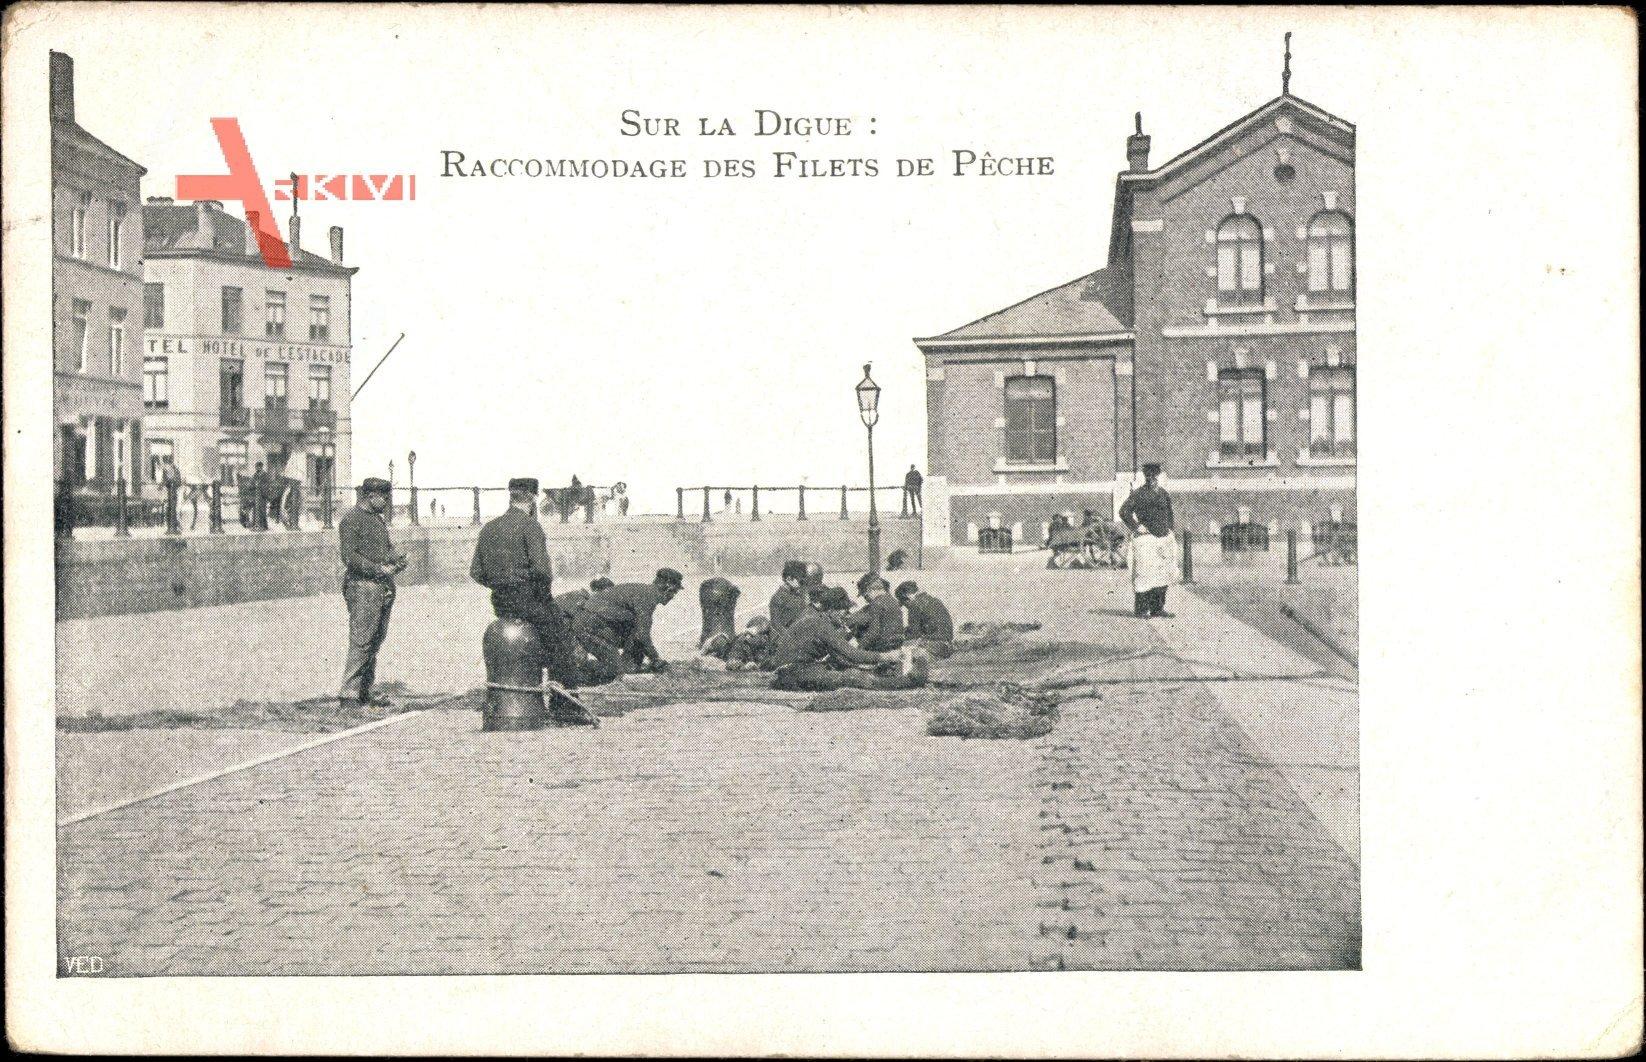 Sur la Digue, Raccommodage des Filets de Pêche, Fischer bei der Arbeit